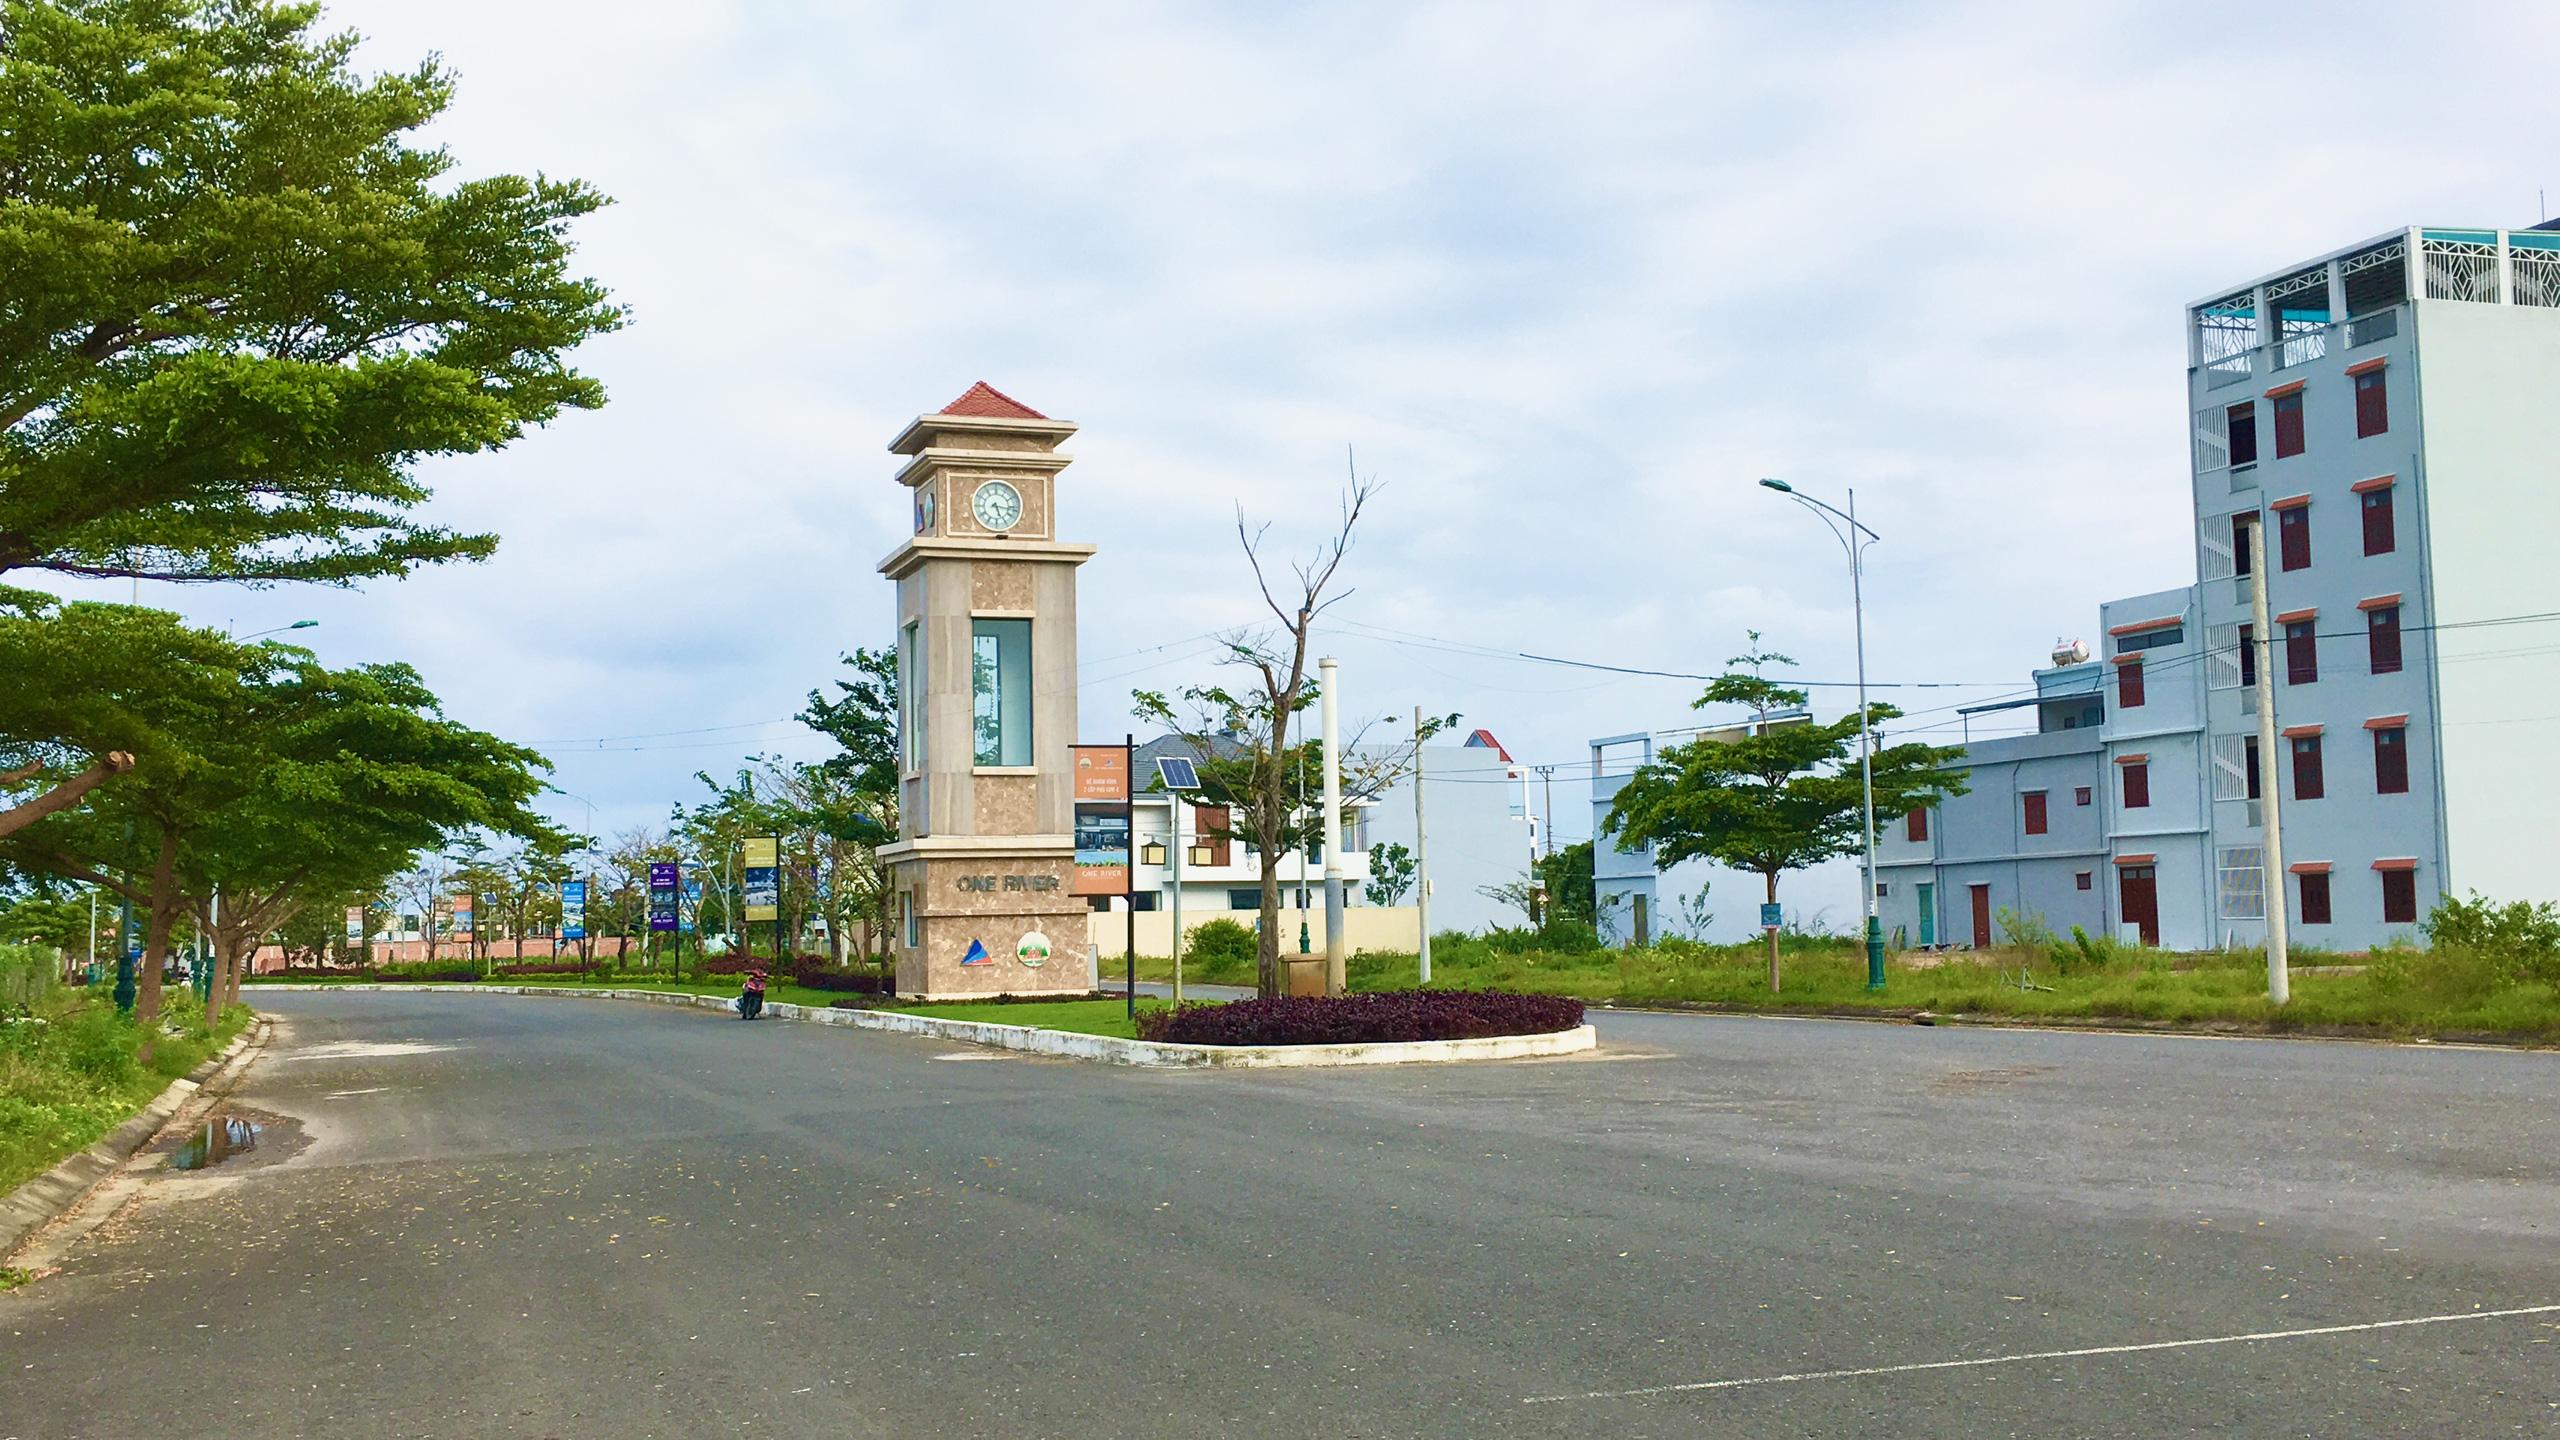 Đà Nẵng: Quận Ngũ Hành Sơn sắp có hơn 4.500 căn hộ chung cư, riêng FPT hơn 1.900 căn - Ảnh 1.